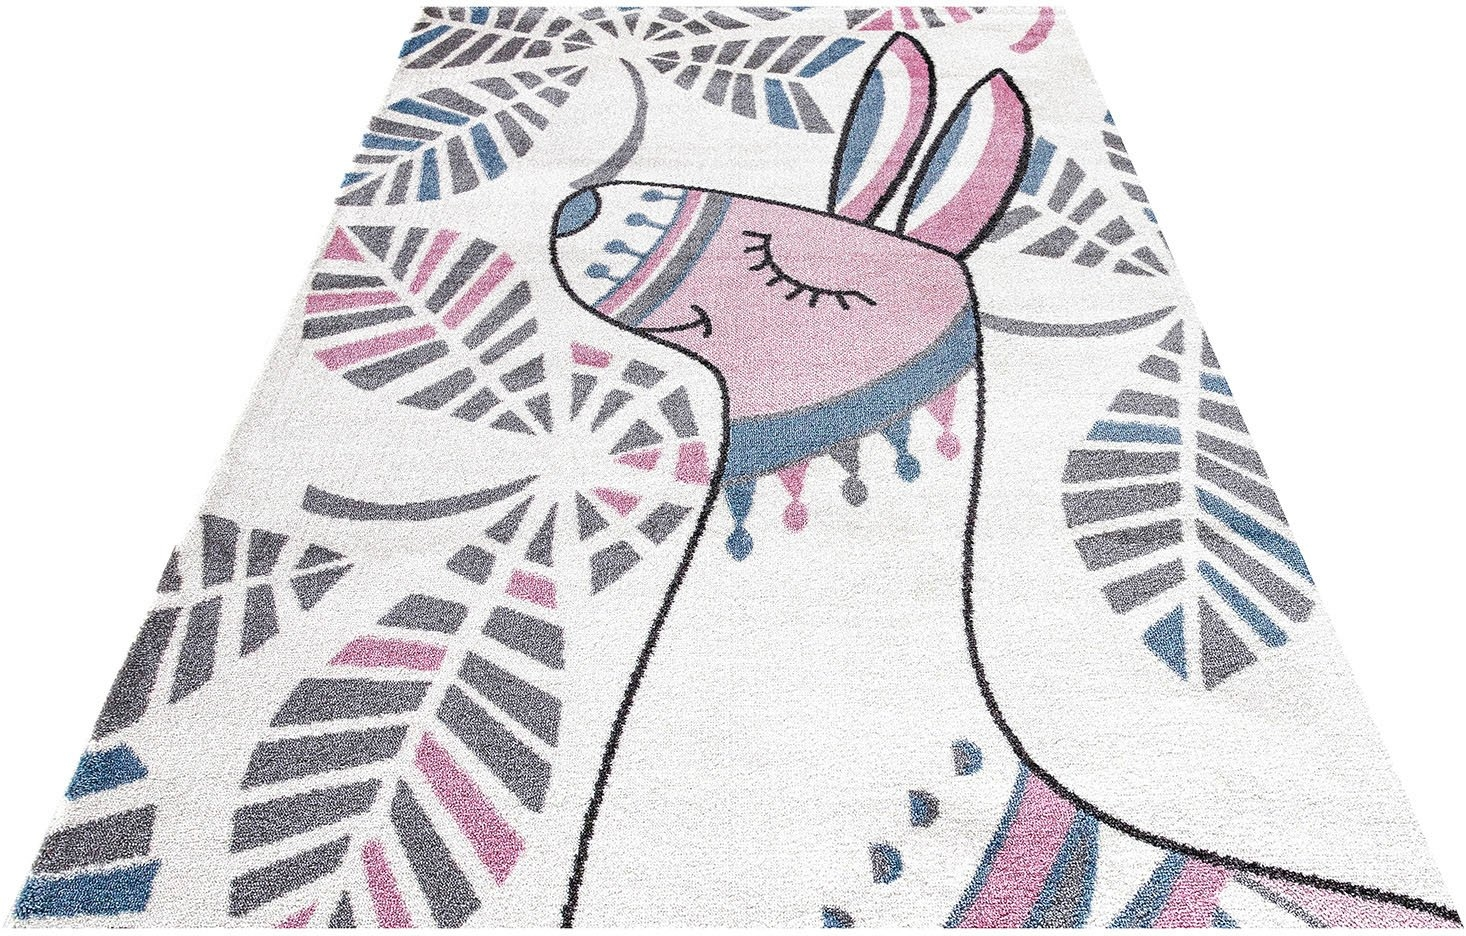 Festival vloerkleed voor de kinderkamer Candy 150 Motief lama veilig op otto.nl kopen